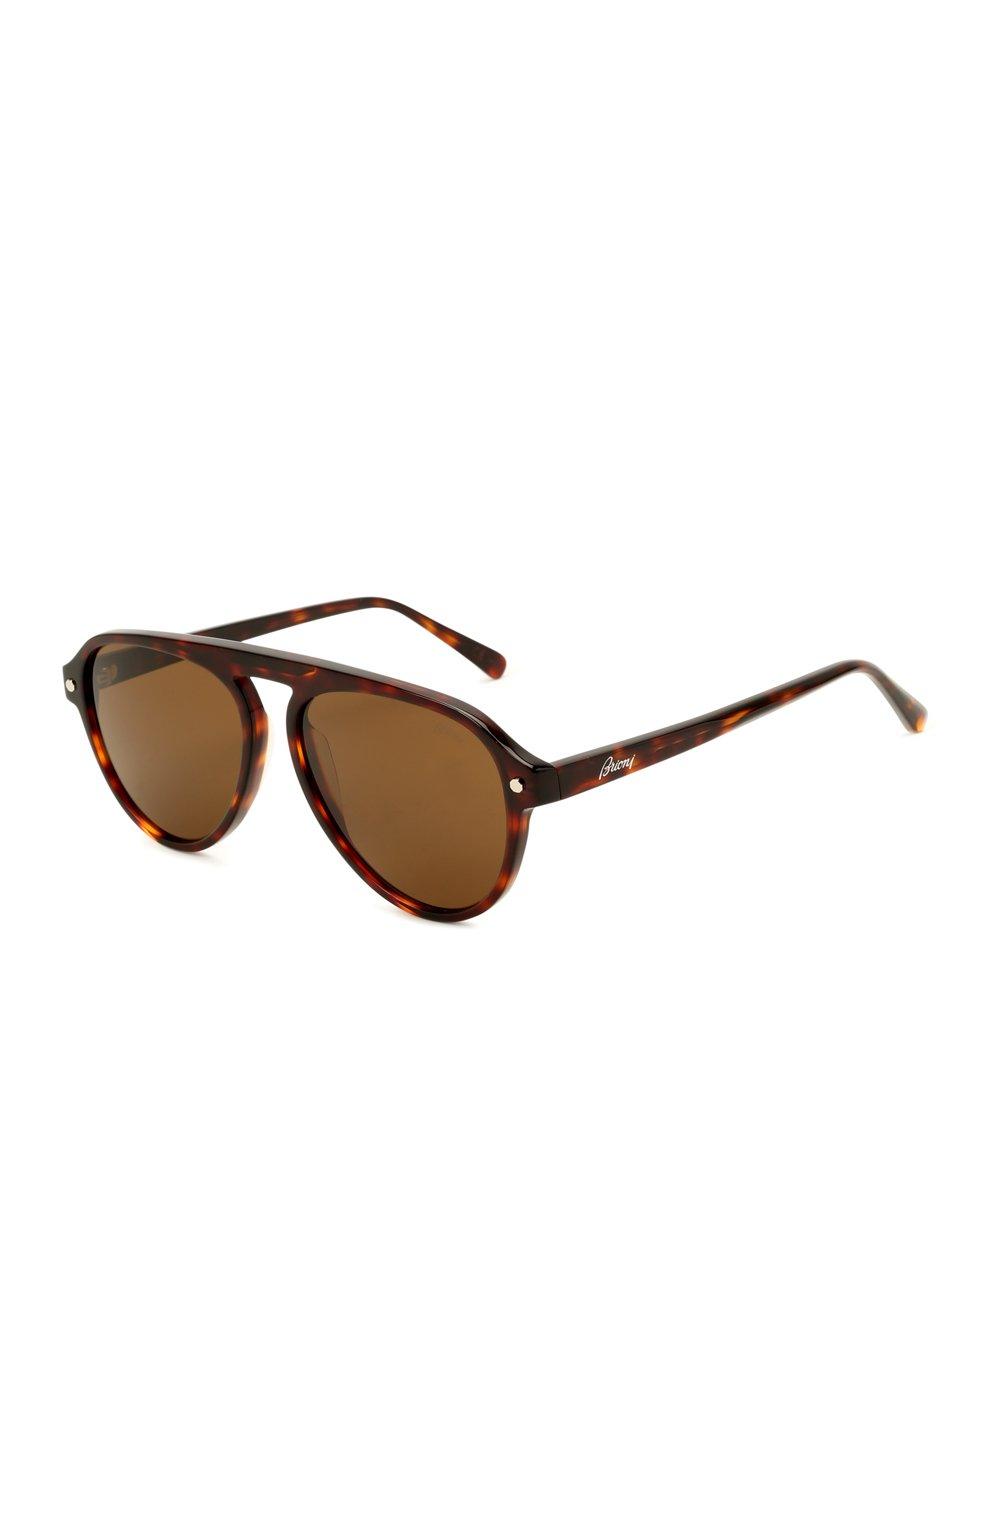 Мужские солнцезащитные очки BRIONI коричневого цвета, арт. 0DE100/P3ZAC | Фото 1 (Материал: Пластик; Тип очков: С/з; Очки форма: Авиаторы; Оптика Гендер: оптика-мужское)